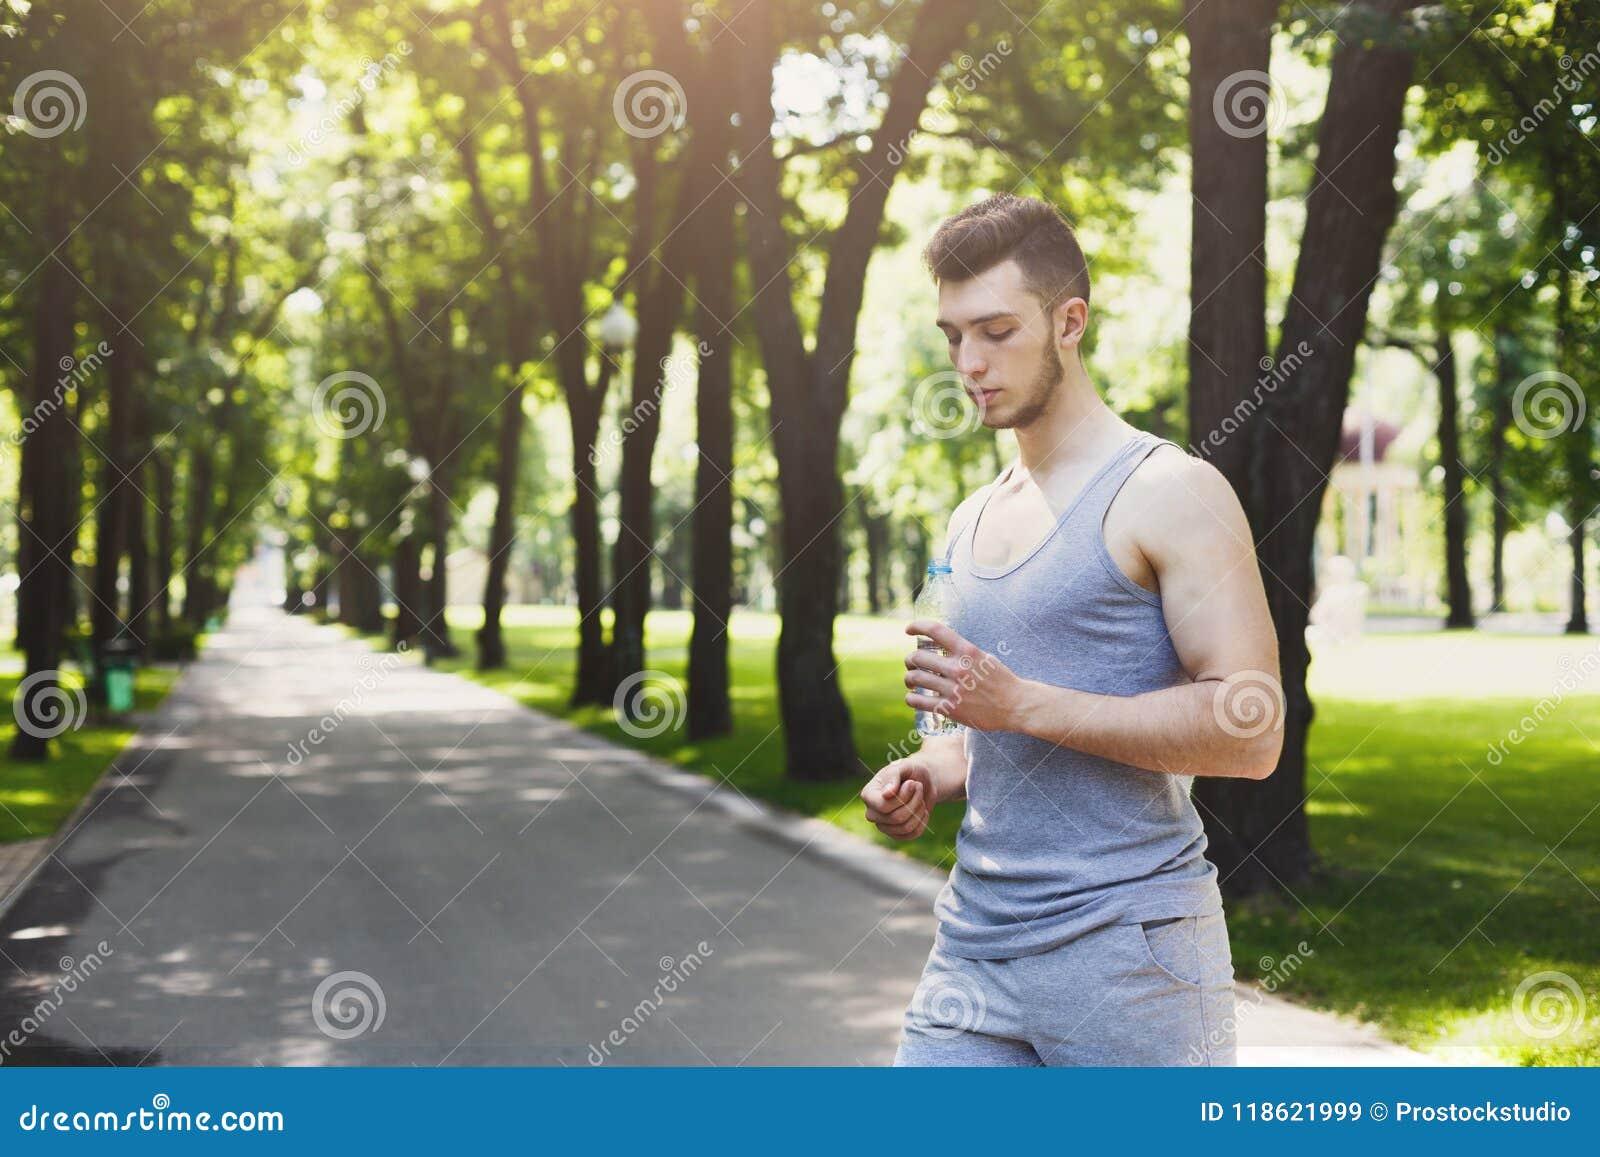 Zmęczony mężczyzna biegacz bierze biegającą przerwę